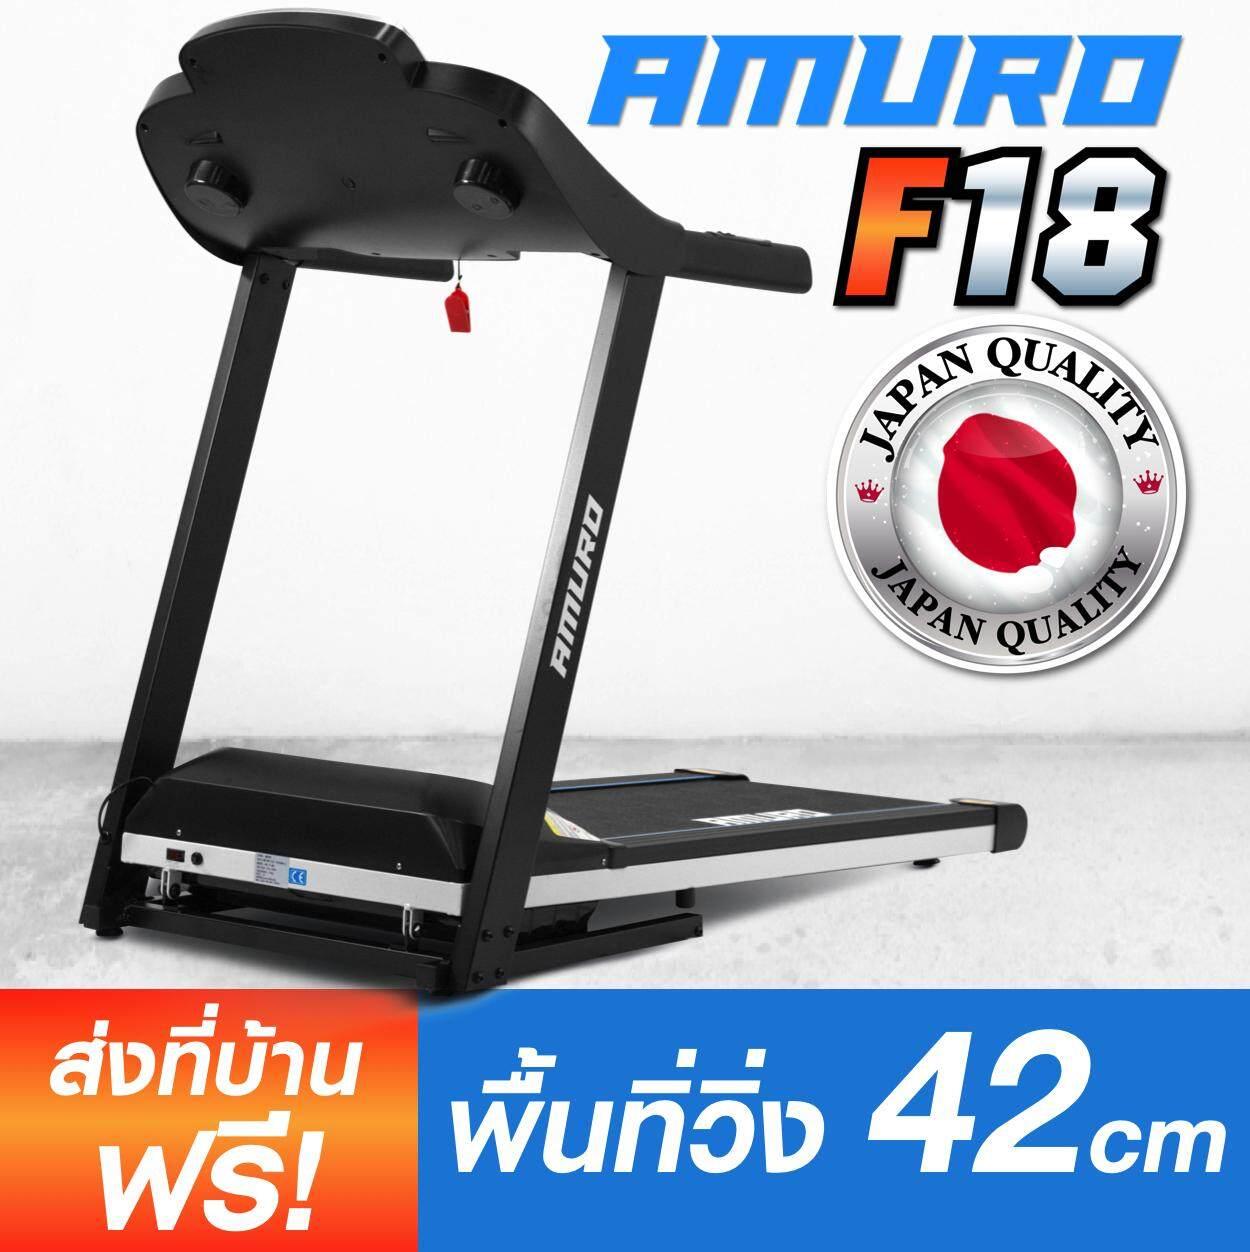 โค๊ดส่วนลด ลู่วิ่ง ZOO Fitness รุ่น AMURO F18 เครื่องออกกำลังกาย ลดทันทีที่ซื้อ -63% ดีมาก ๆ